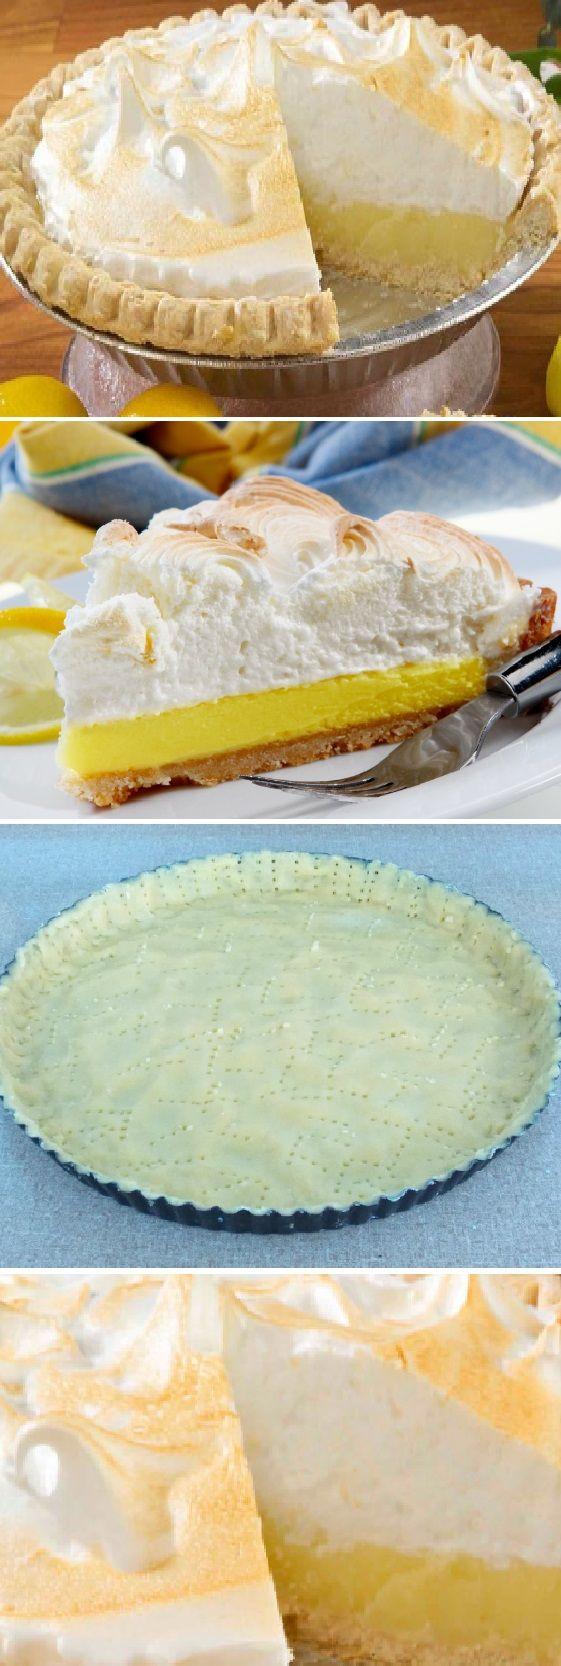 COMO PREPARAR UN PIE DE LIMON paso a paso. #postres #pie #limón #cheesecake #cakes #receta #recipe #casero #torta #tartas #pastel #nestlecocina #bizcocho #bizcochuelo #tasty #cocina #chocolate #pan #panes Si te gusta dinos HOLA y dale a Me Gusta MIREN …